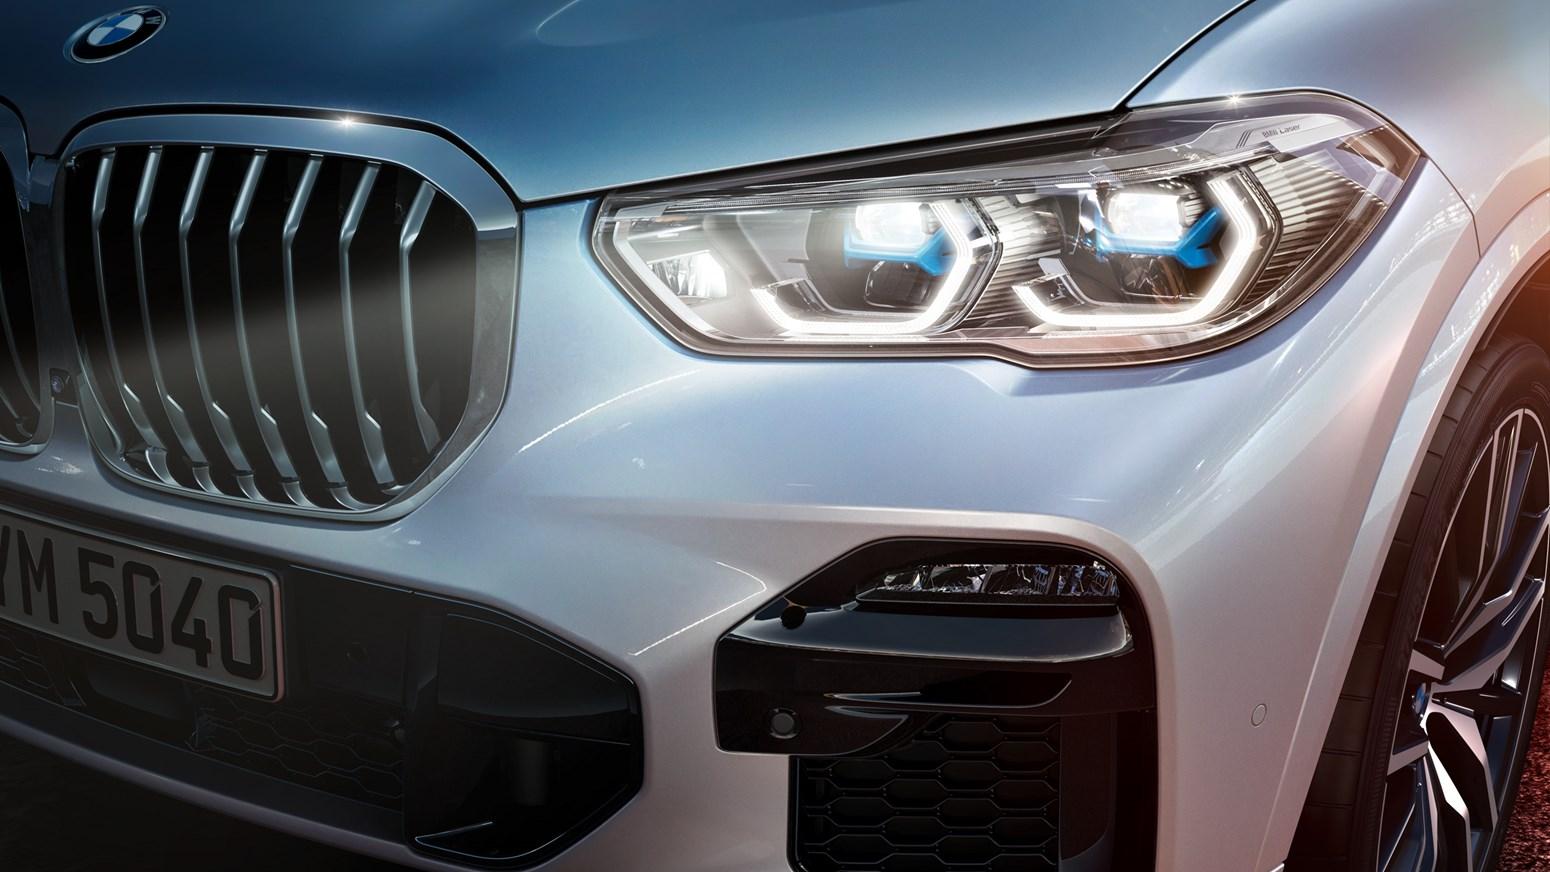 BMW X5 GALLERY 2440X1373 E